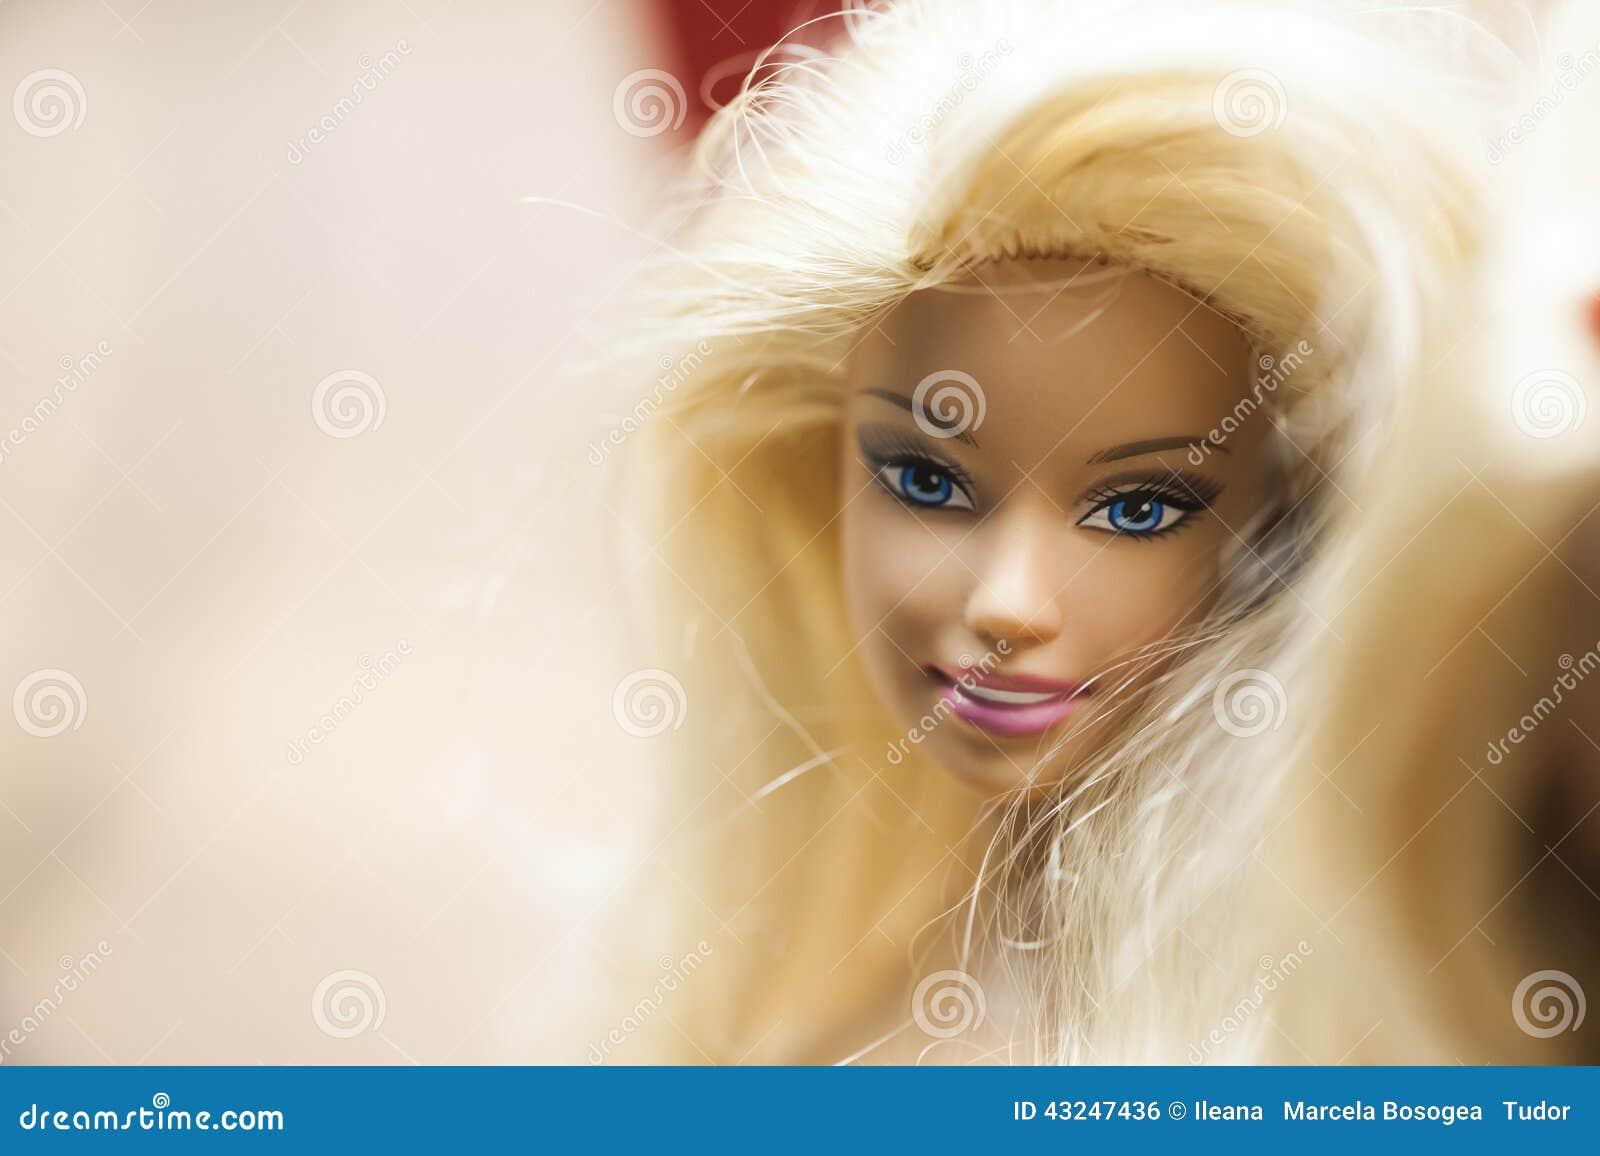 Kolorowy skład z Barbie lalami